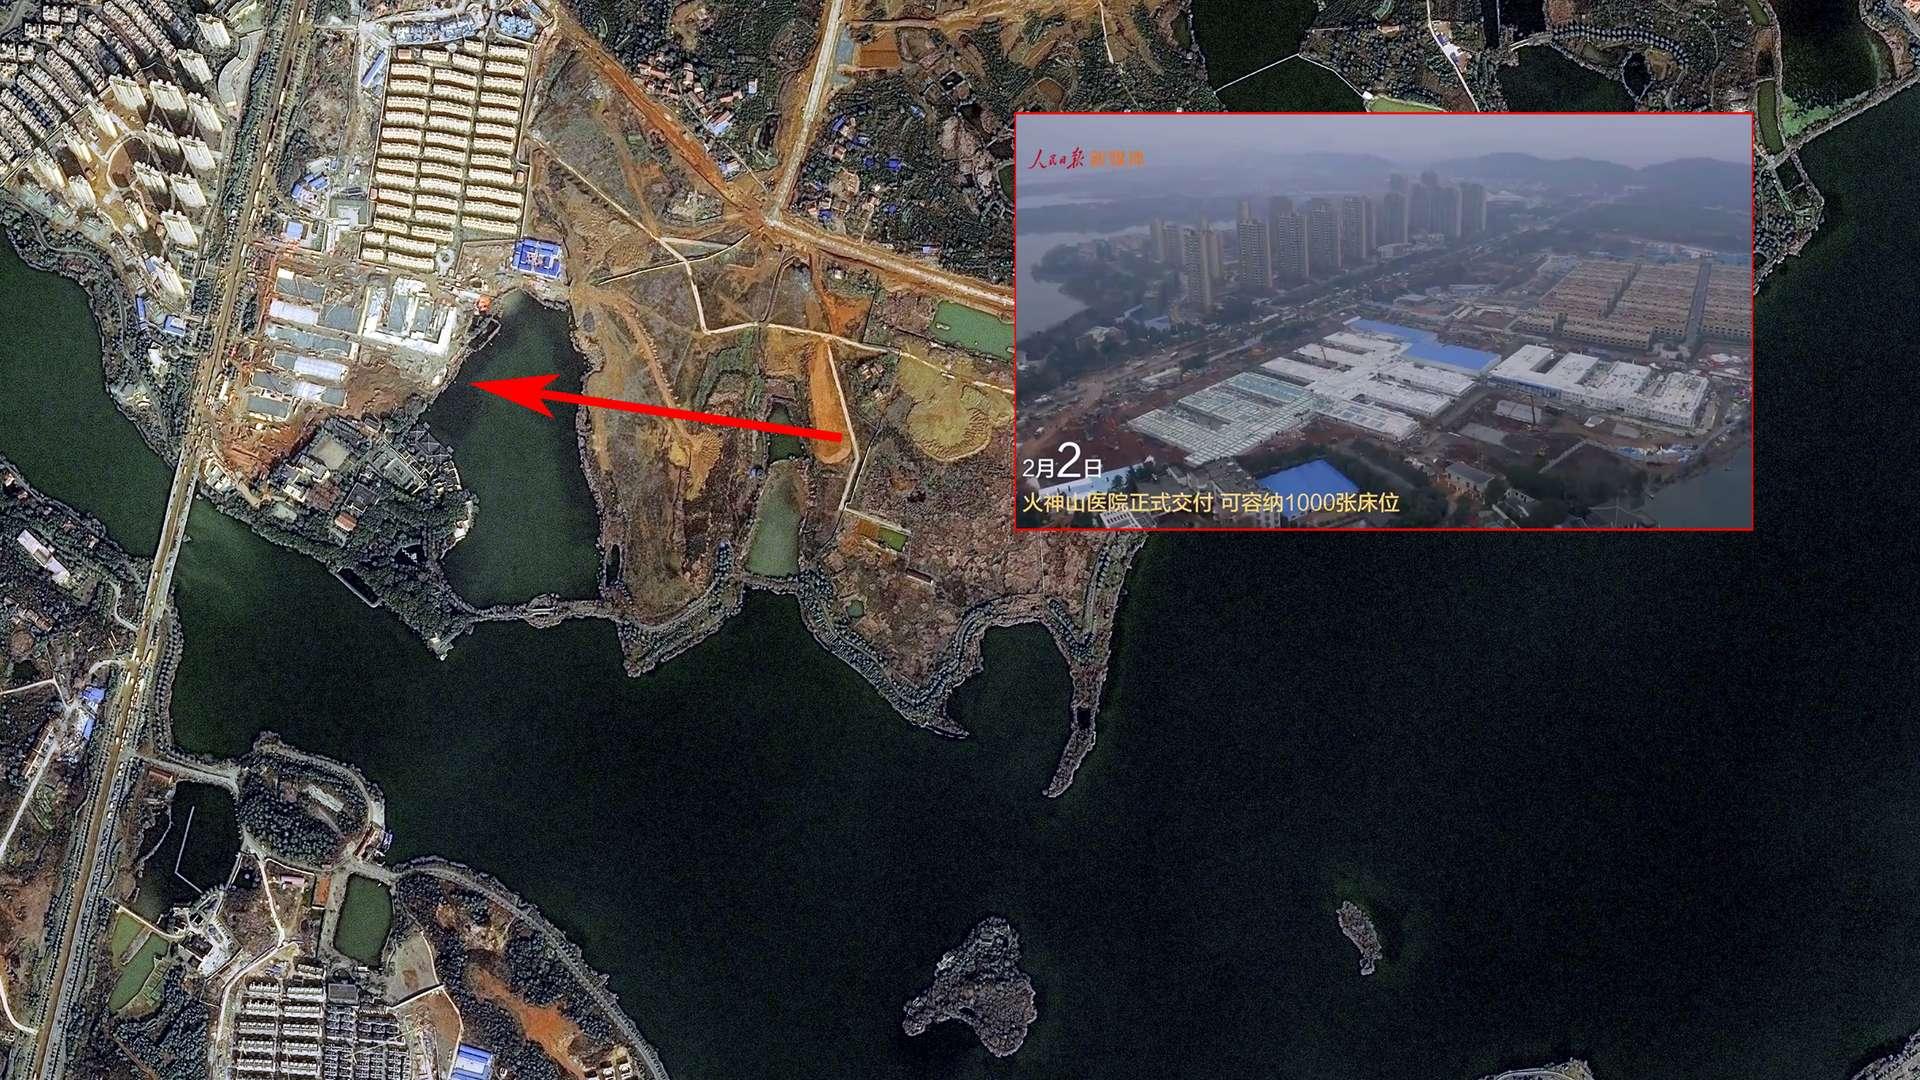 État d'avancement de la construction à Wuhan d'un hôpital de plus de 1.000 lits pour les patients atteints du Coronavirus. L'image satellite montre le site de l'hôpital le 20 janvier et dans l'encart, l'hôpital est vu par un drone le 2 février 2020. © Cnes 2020, Distribution Airbus DS et Global Times, pour l'encart